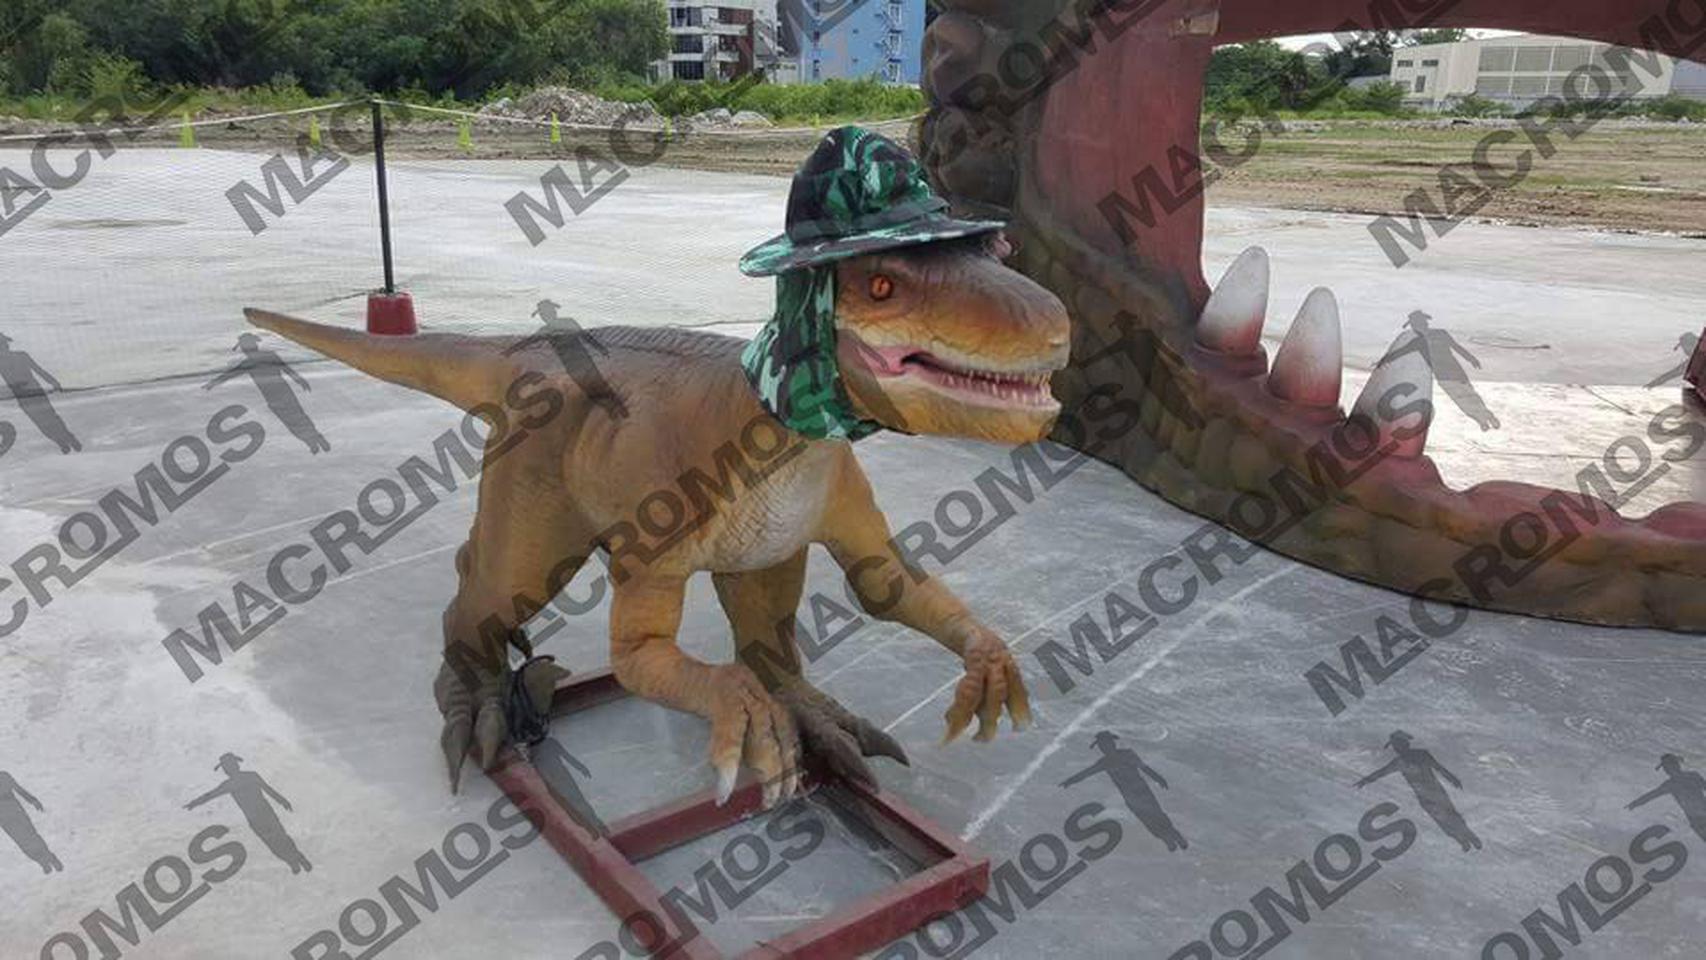 ขาย จำหน่าย ให้เช่า ไดโนเสาร์ Dinosaur T-rex,rapter,dino gate,baby dino รูปที่ 2